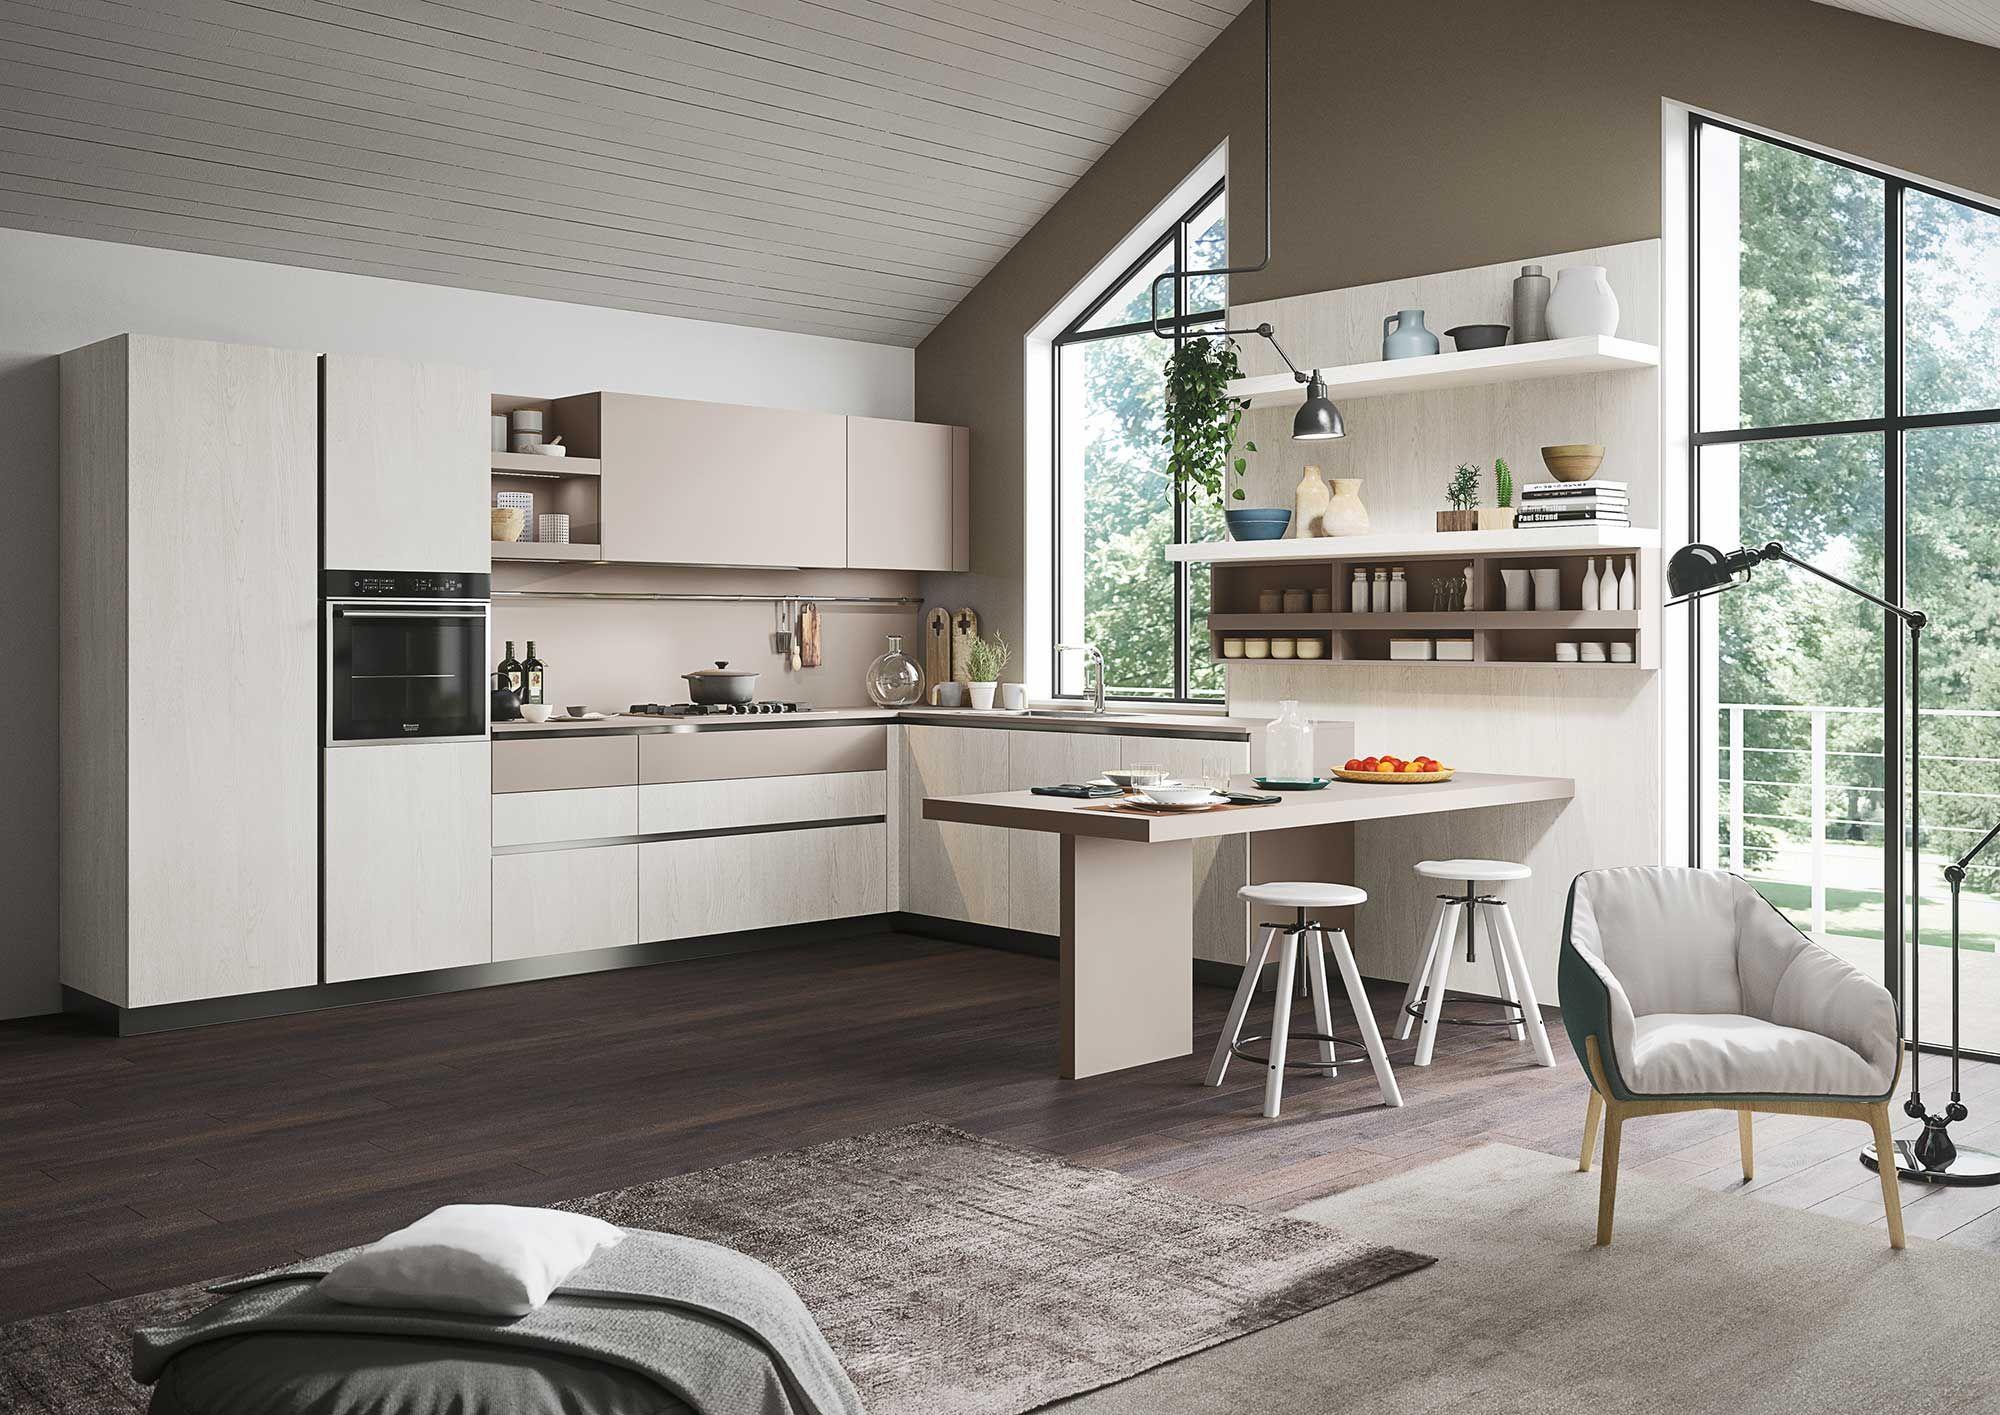 Cucine design economiche: alto design accessibile con First ...